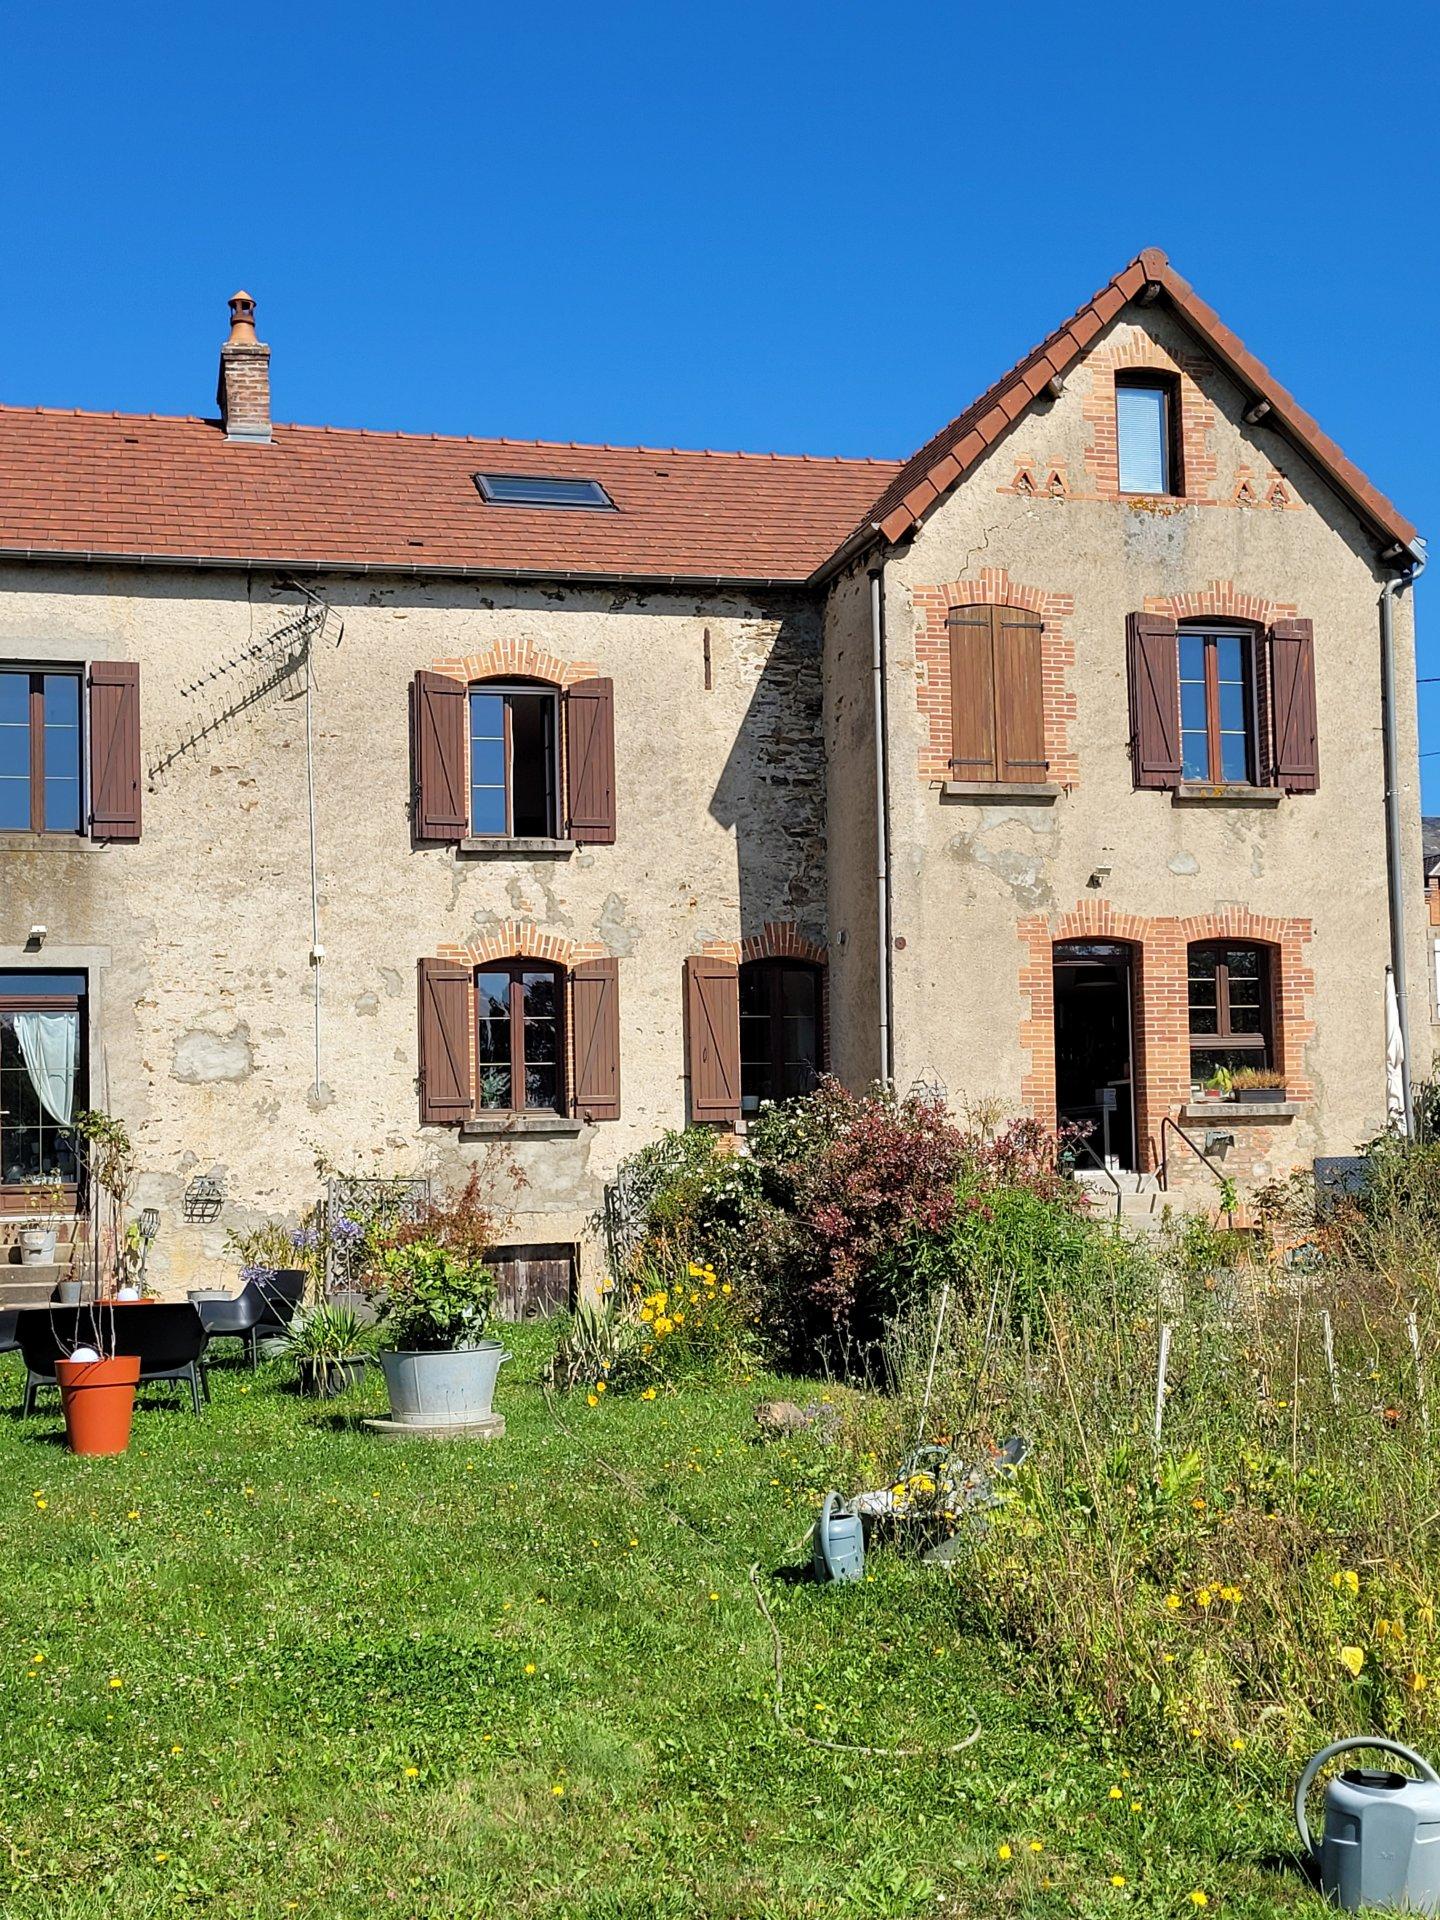 A vendre dans la Creuse une grande maison, grange et jardin.